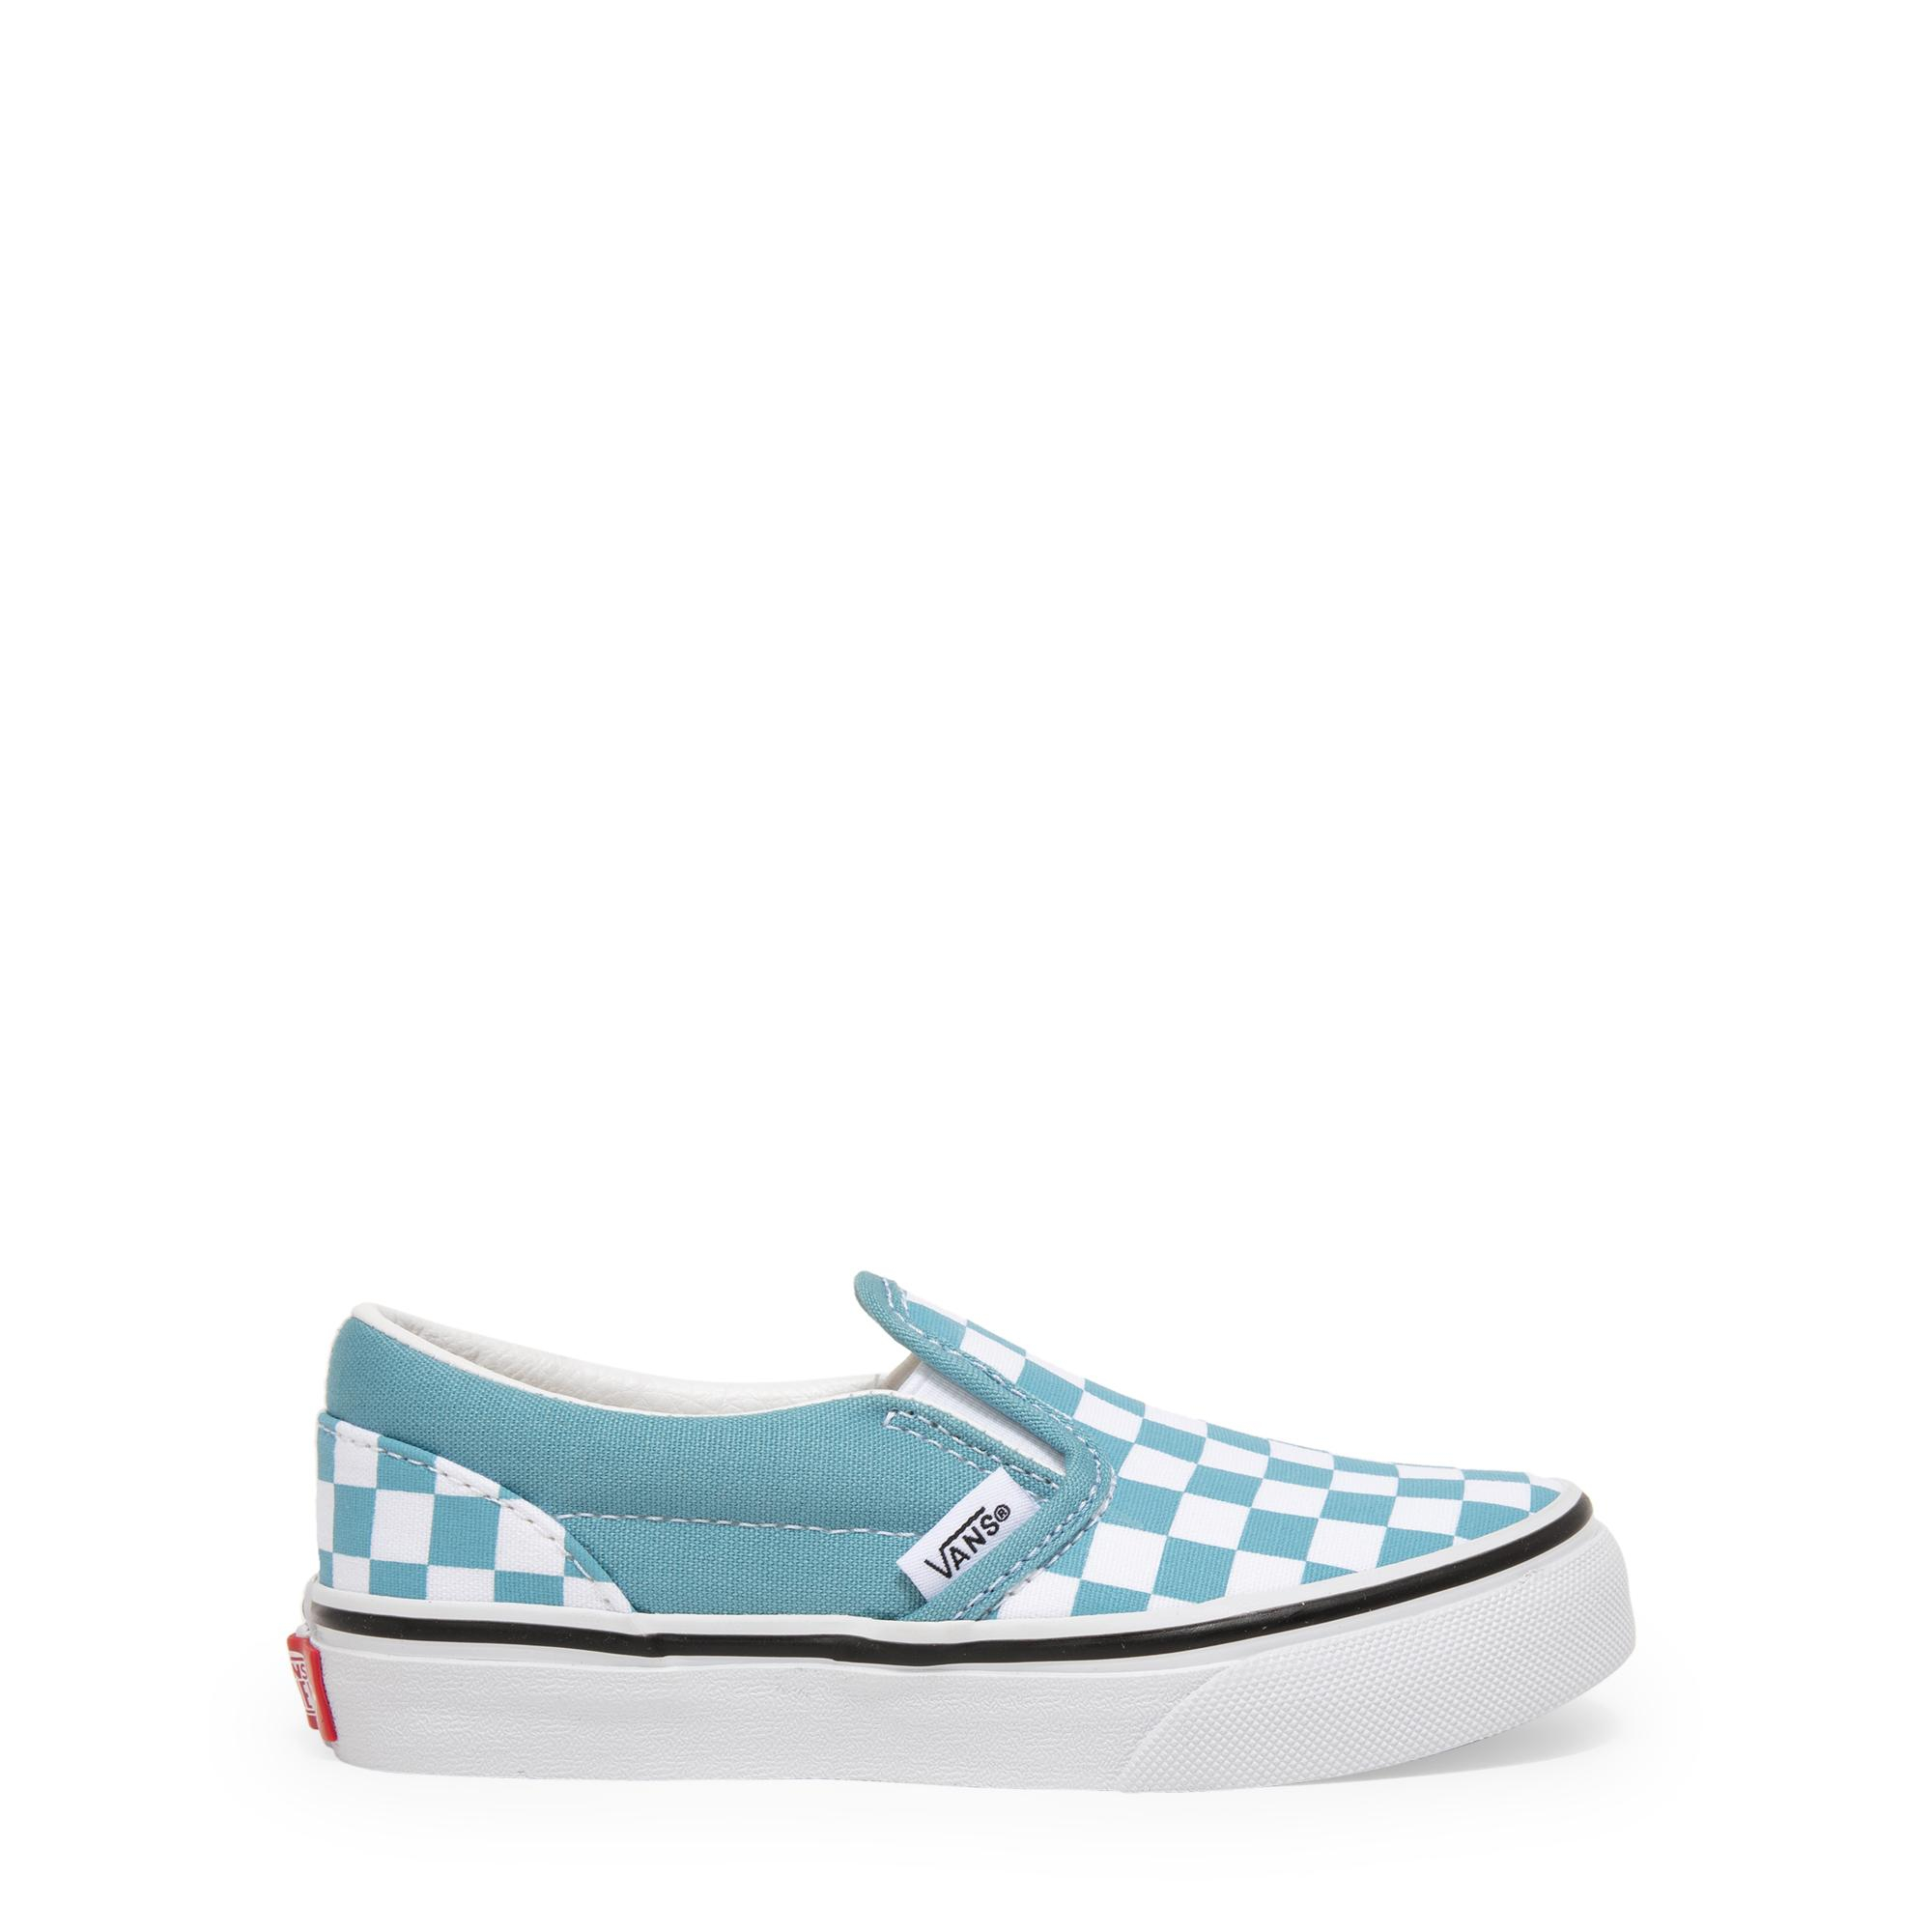 حذاء رياضي كلاسيكي بدون أربطة